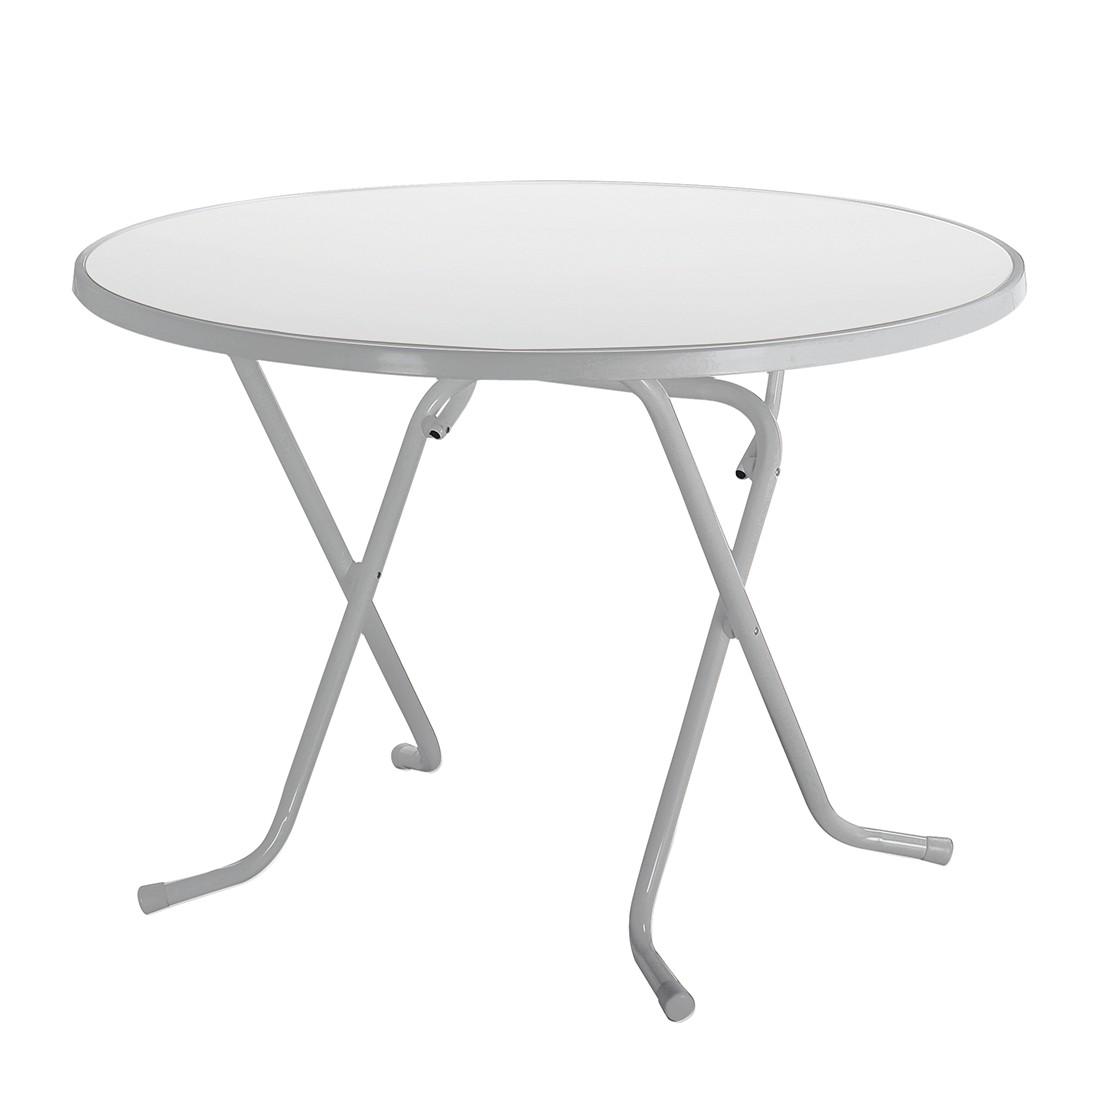 Klapptisch Primo - Stahlrohr Silber - Ø 80 cm, Best Freizeitmöbel